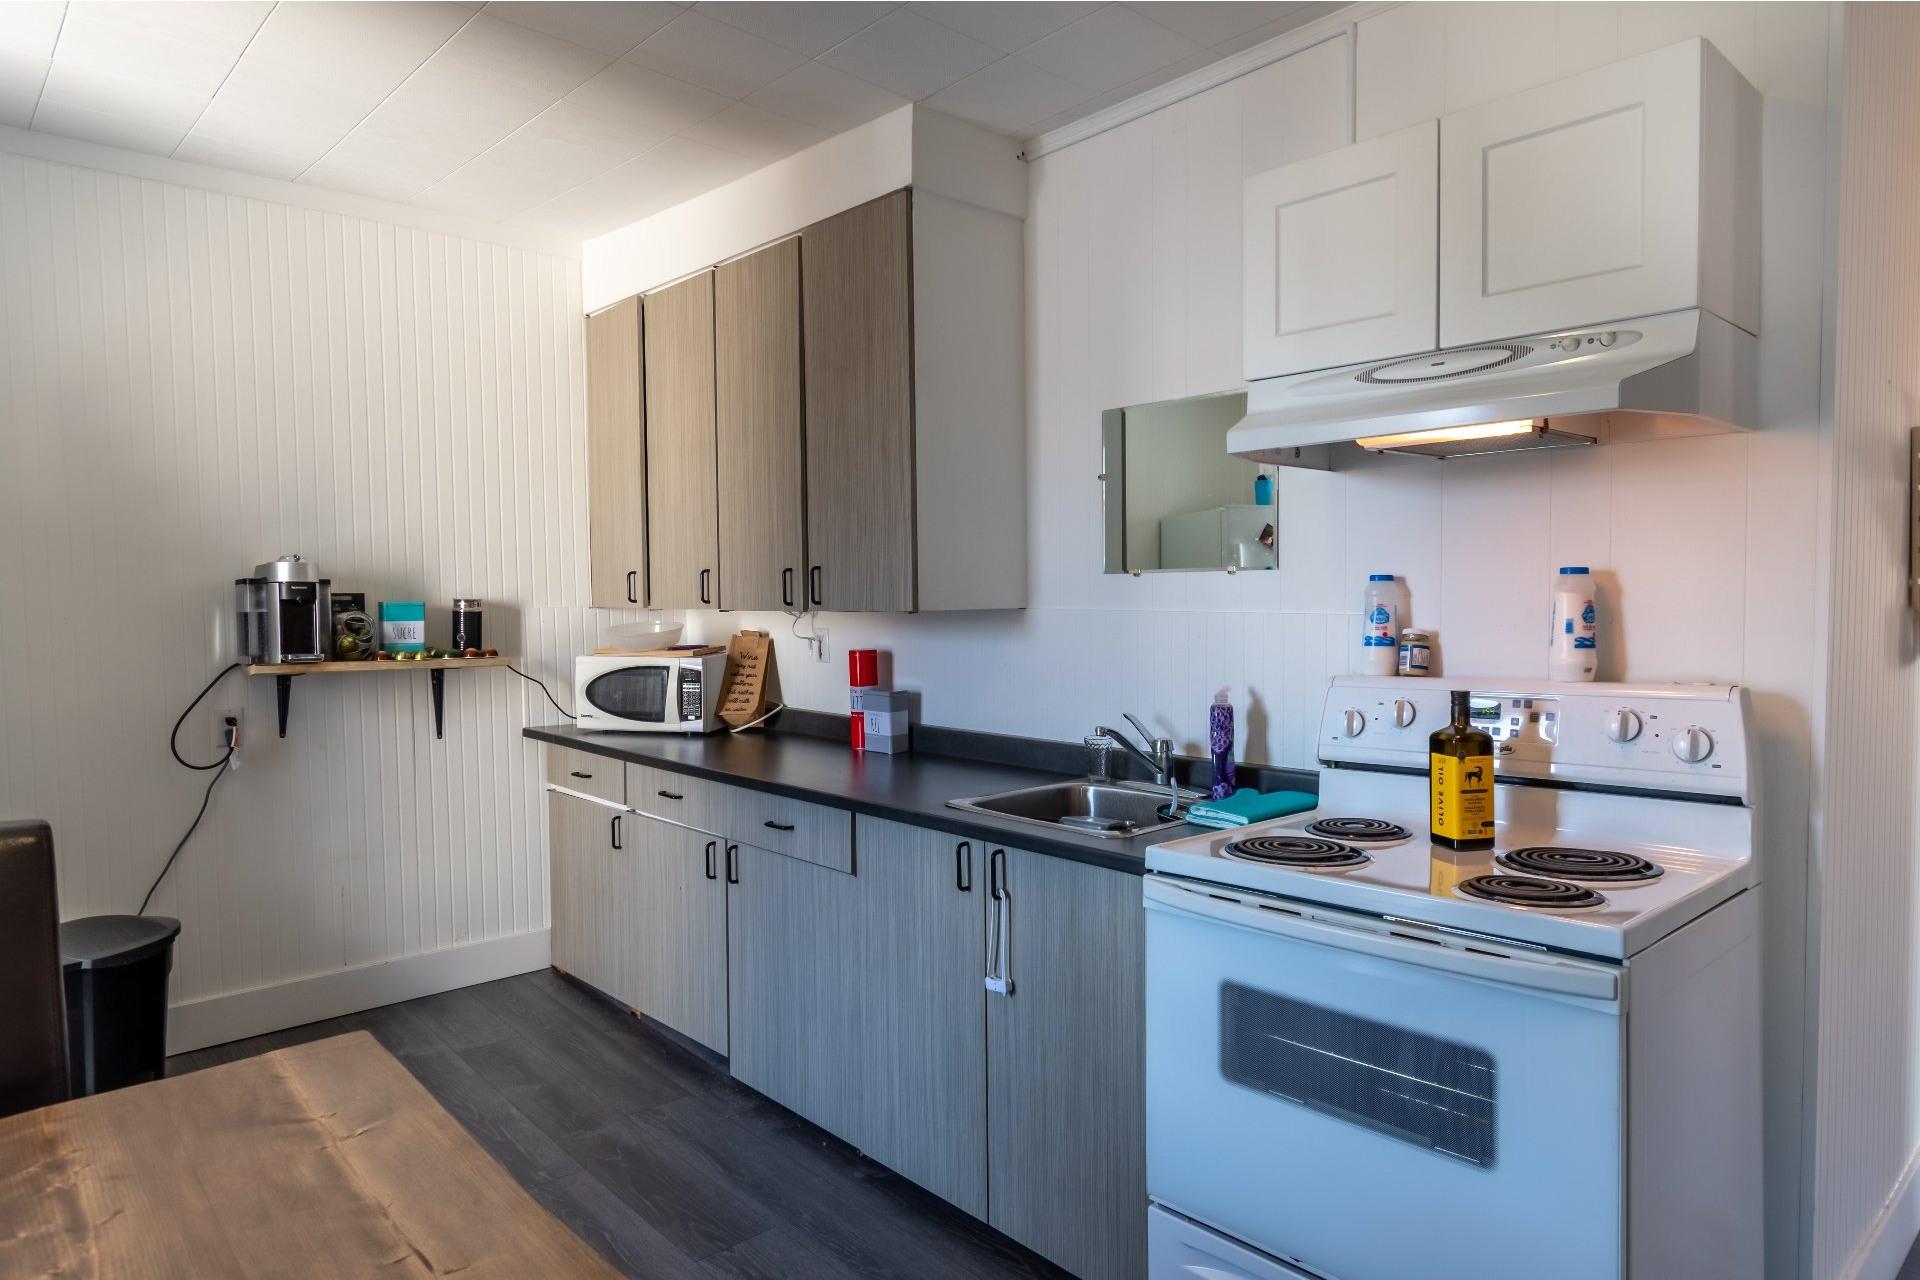 image 18 - Duplex For sale Trois-Rivières - 4 rooms